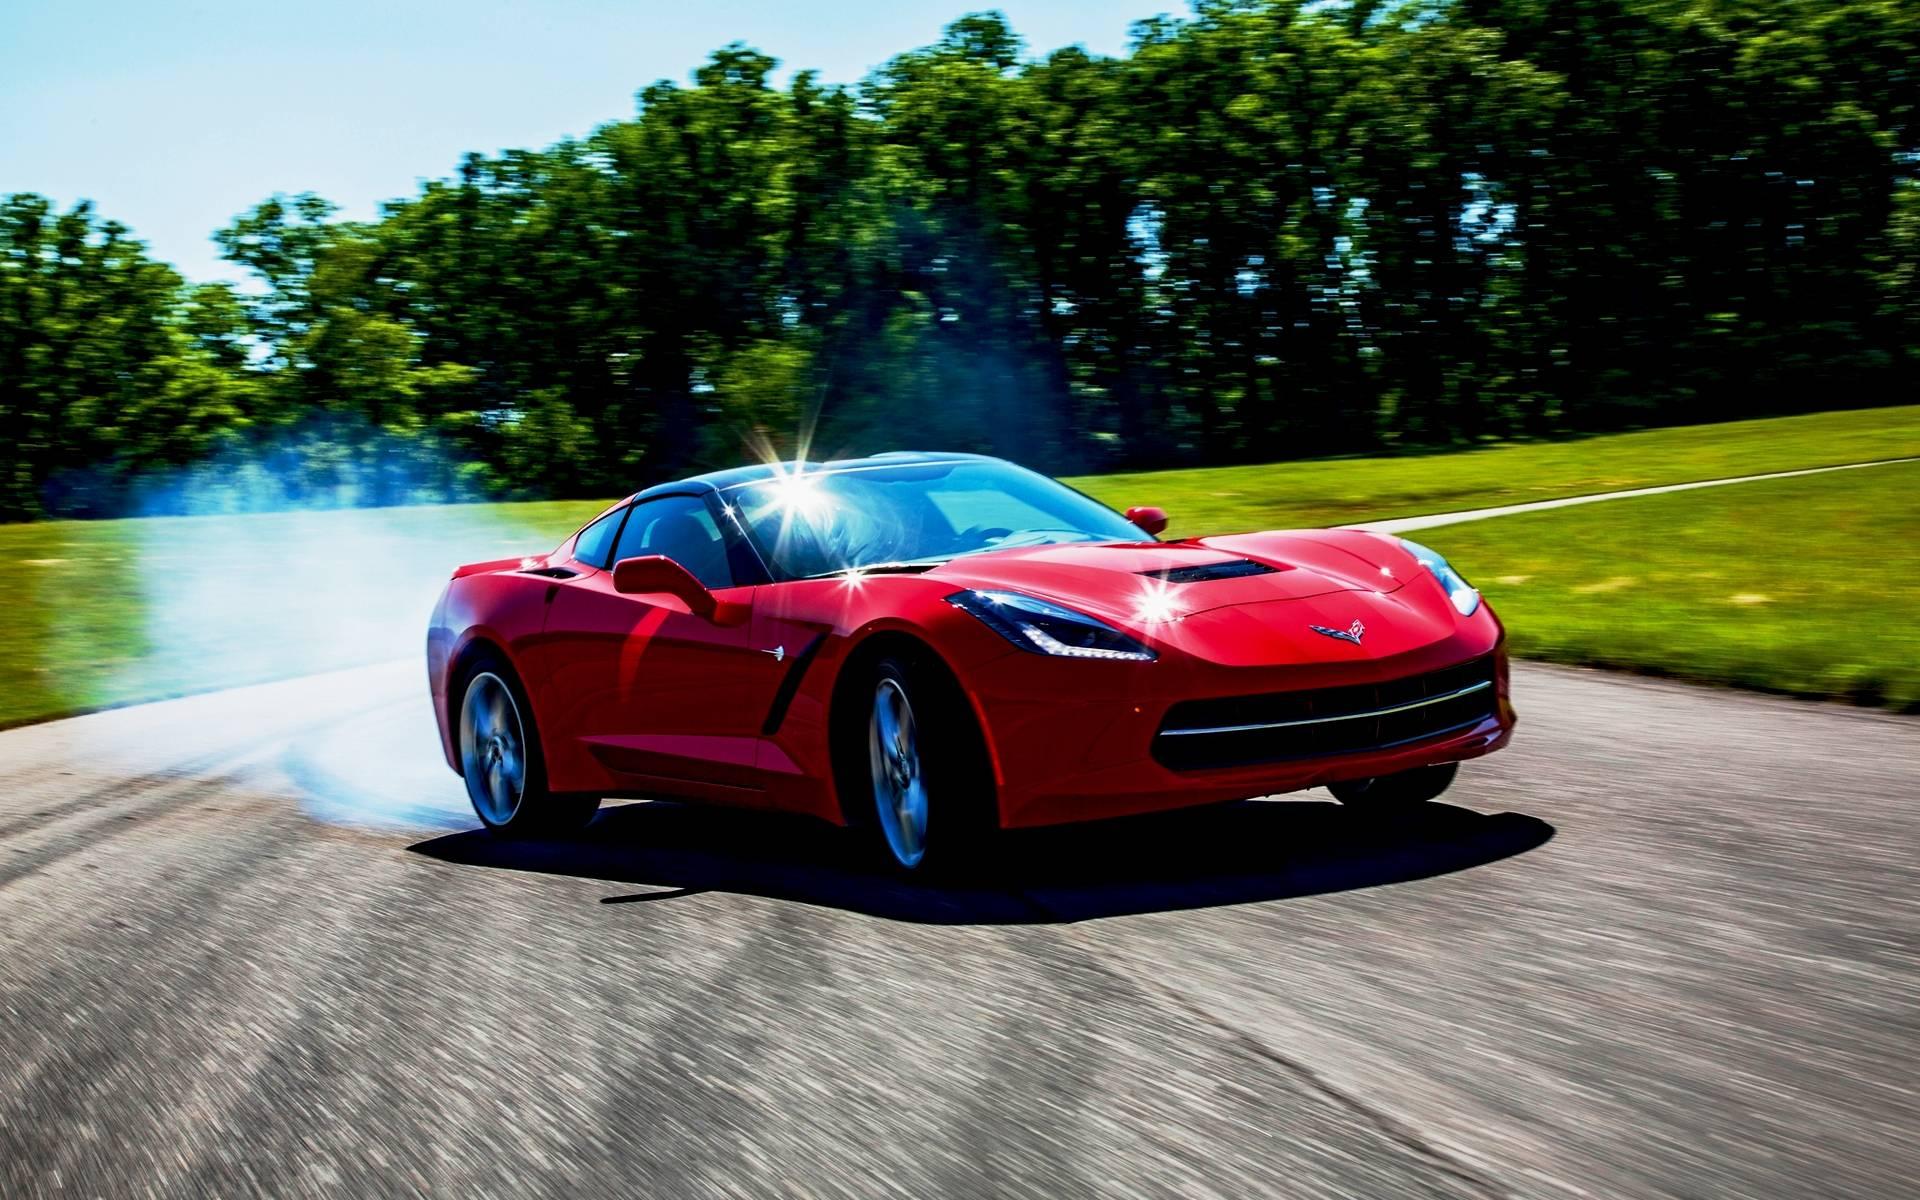 82 Corvette Wallpaper For Pc Wallpapersafari